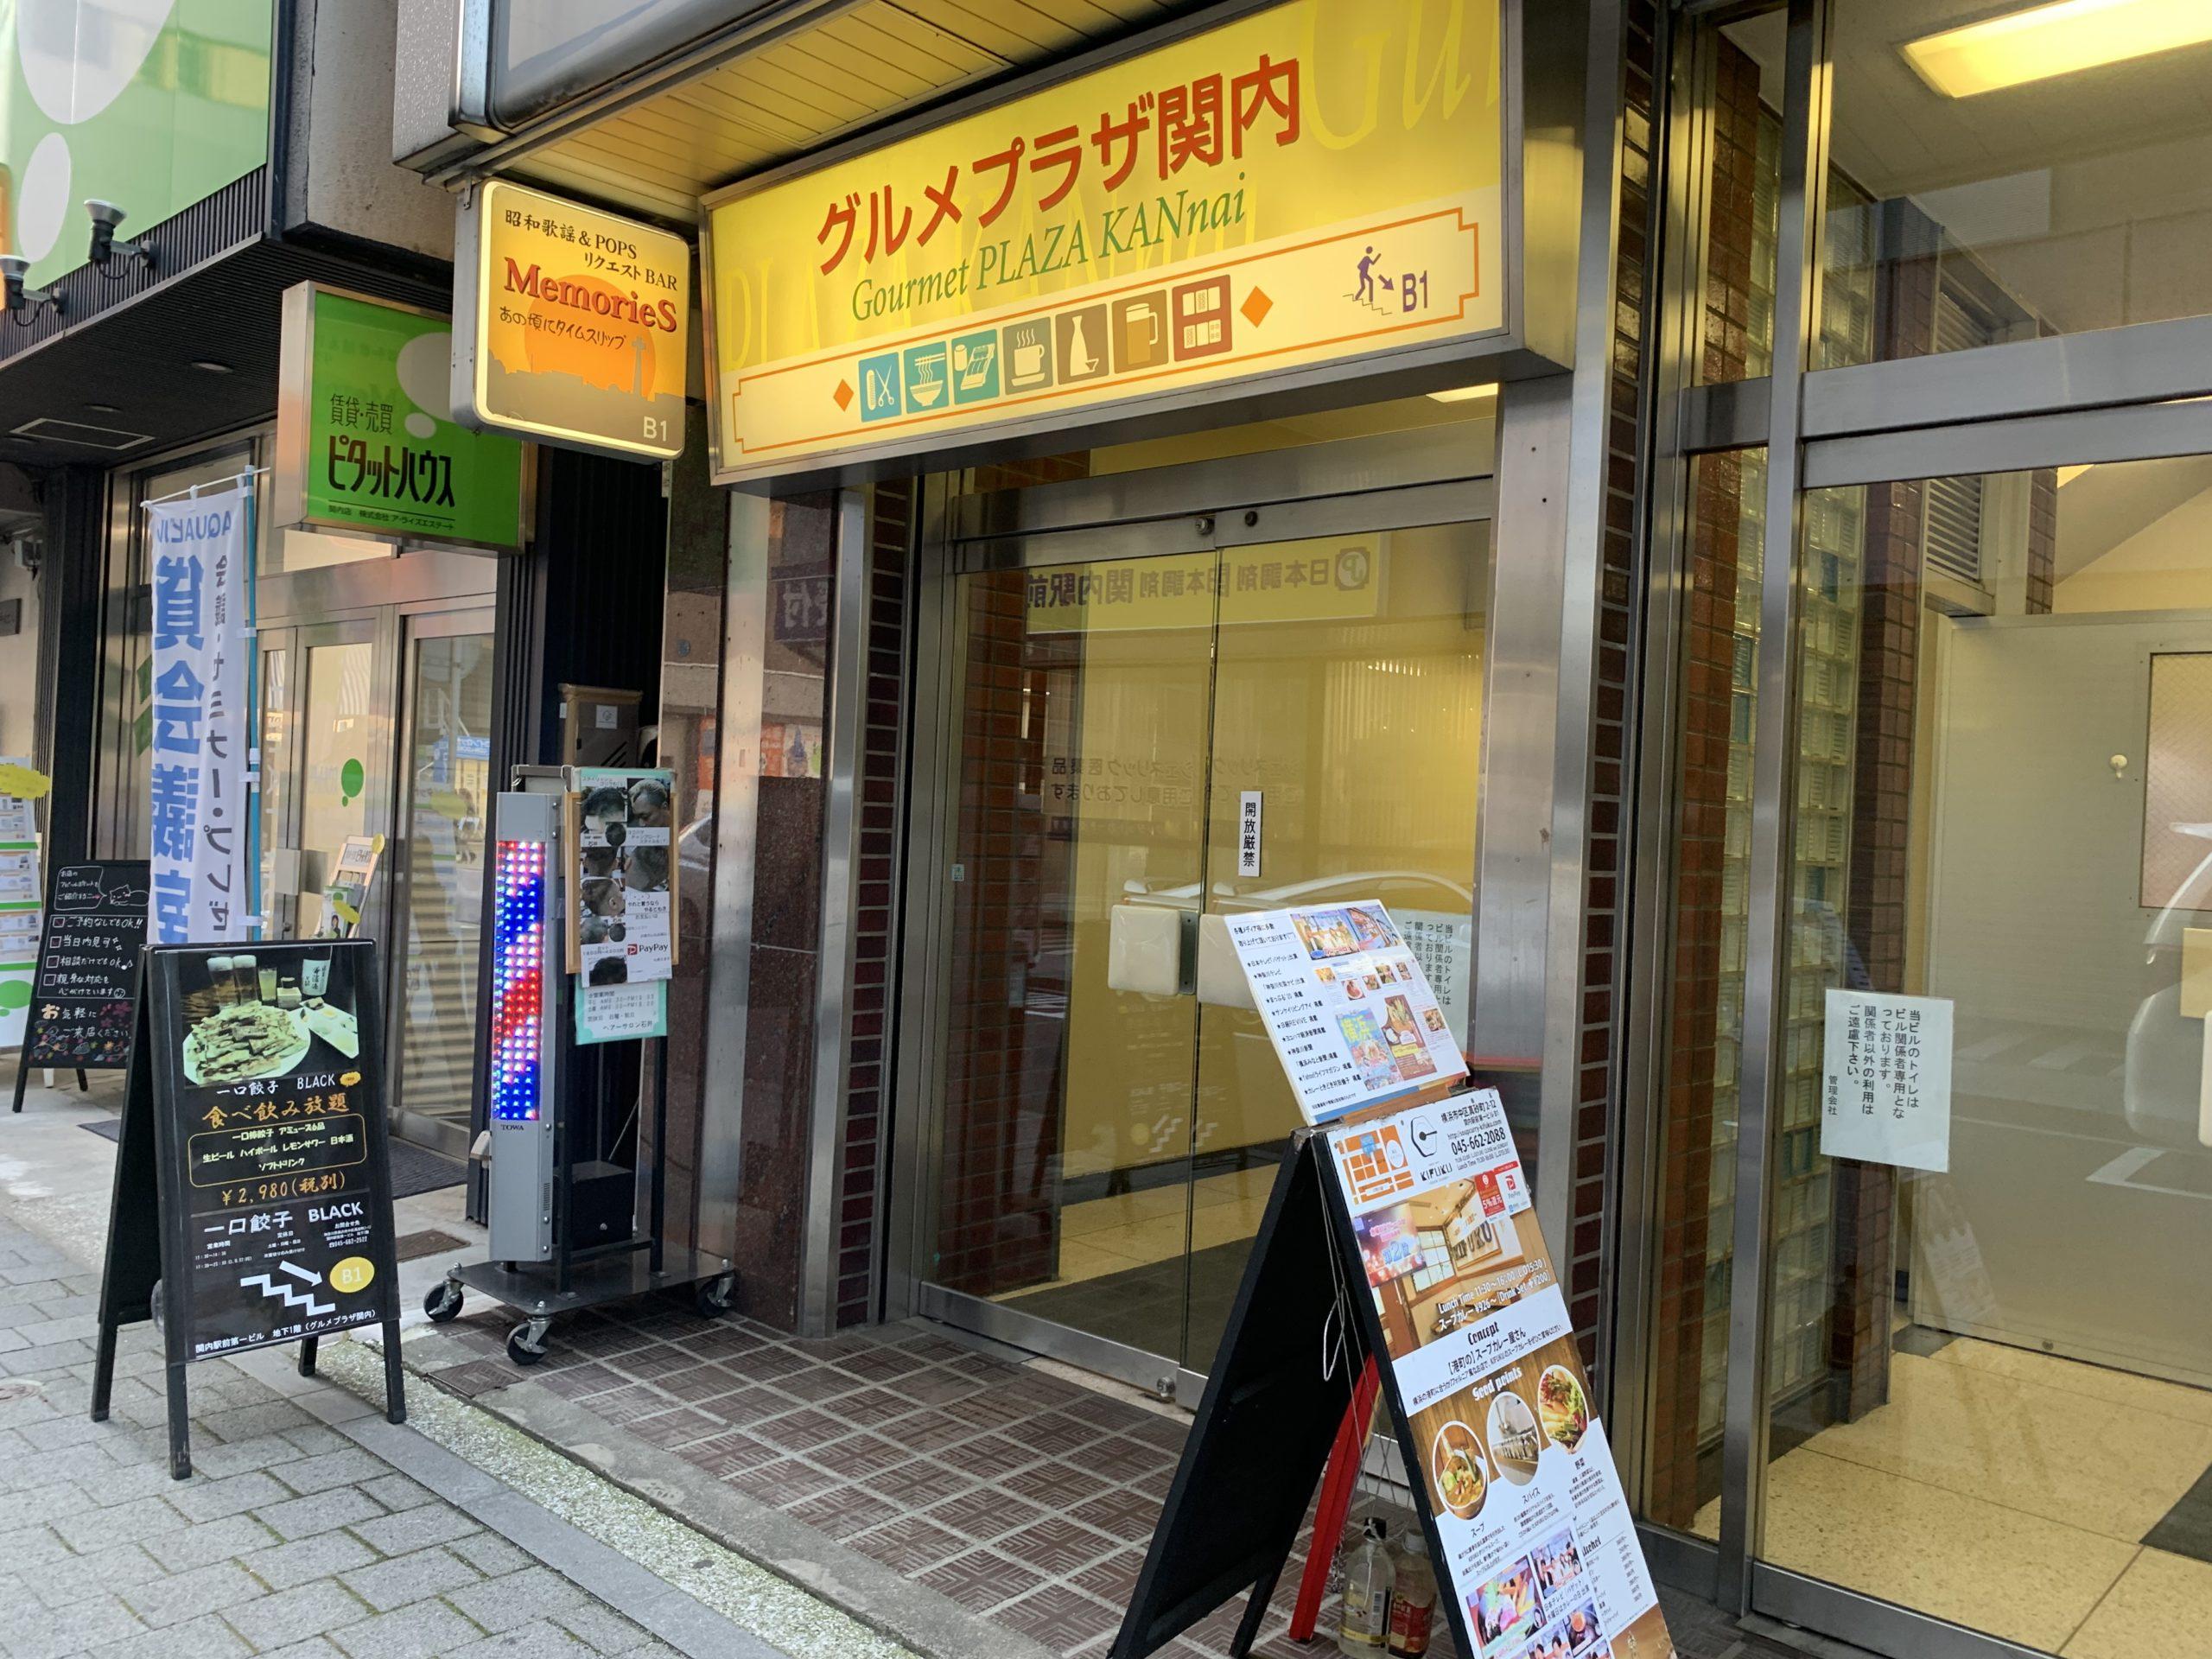 関内駅北口 電源カフェ コワーキング ラウンジ よりみちベース Wi-Fi